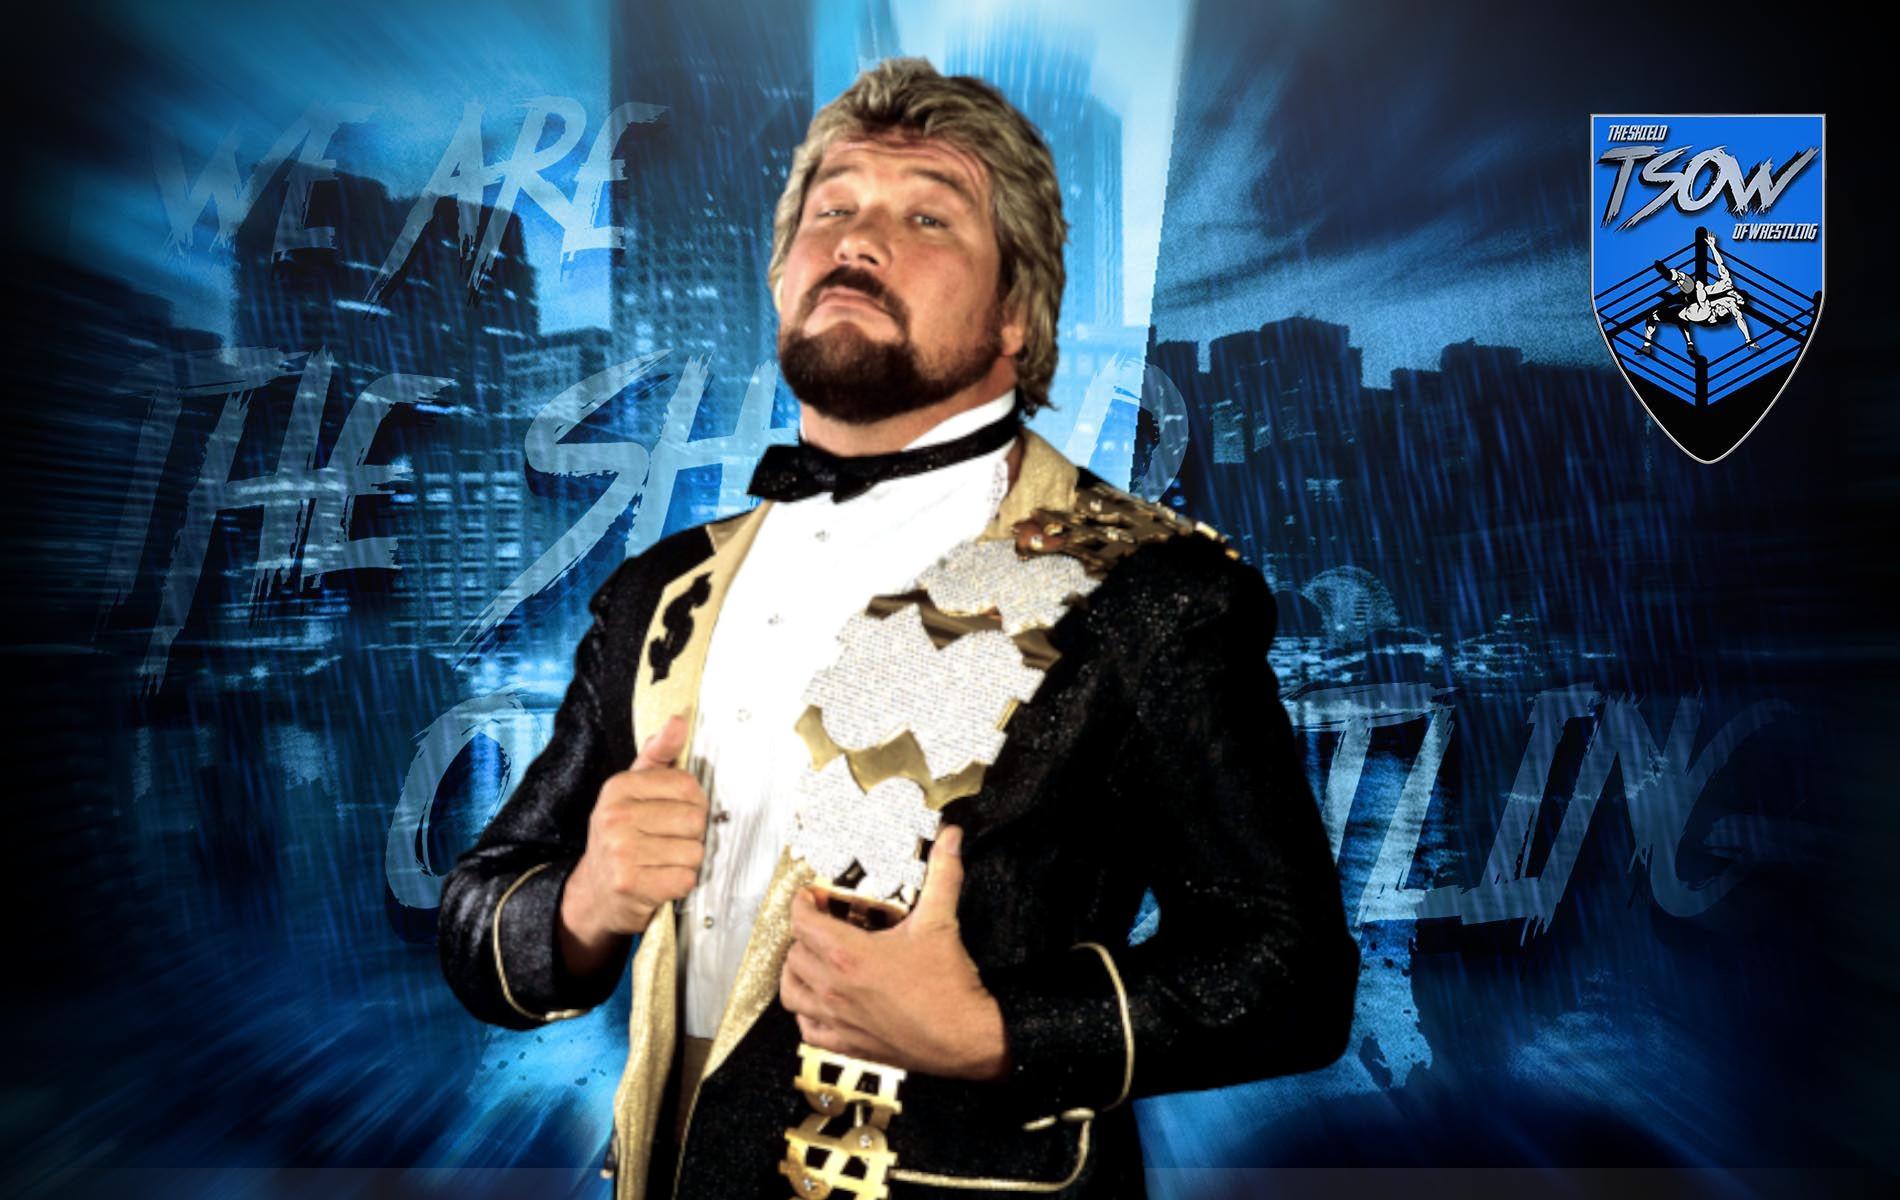 Ted DiBiase apparirà nel prossimo episodio di NXT